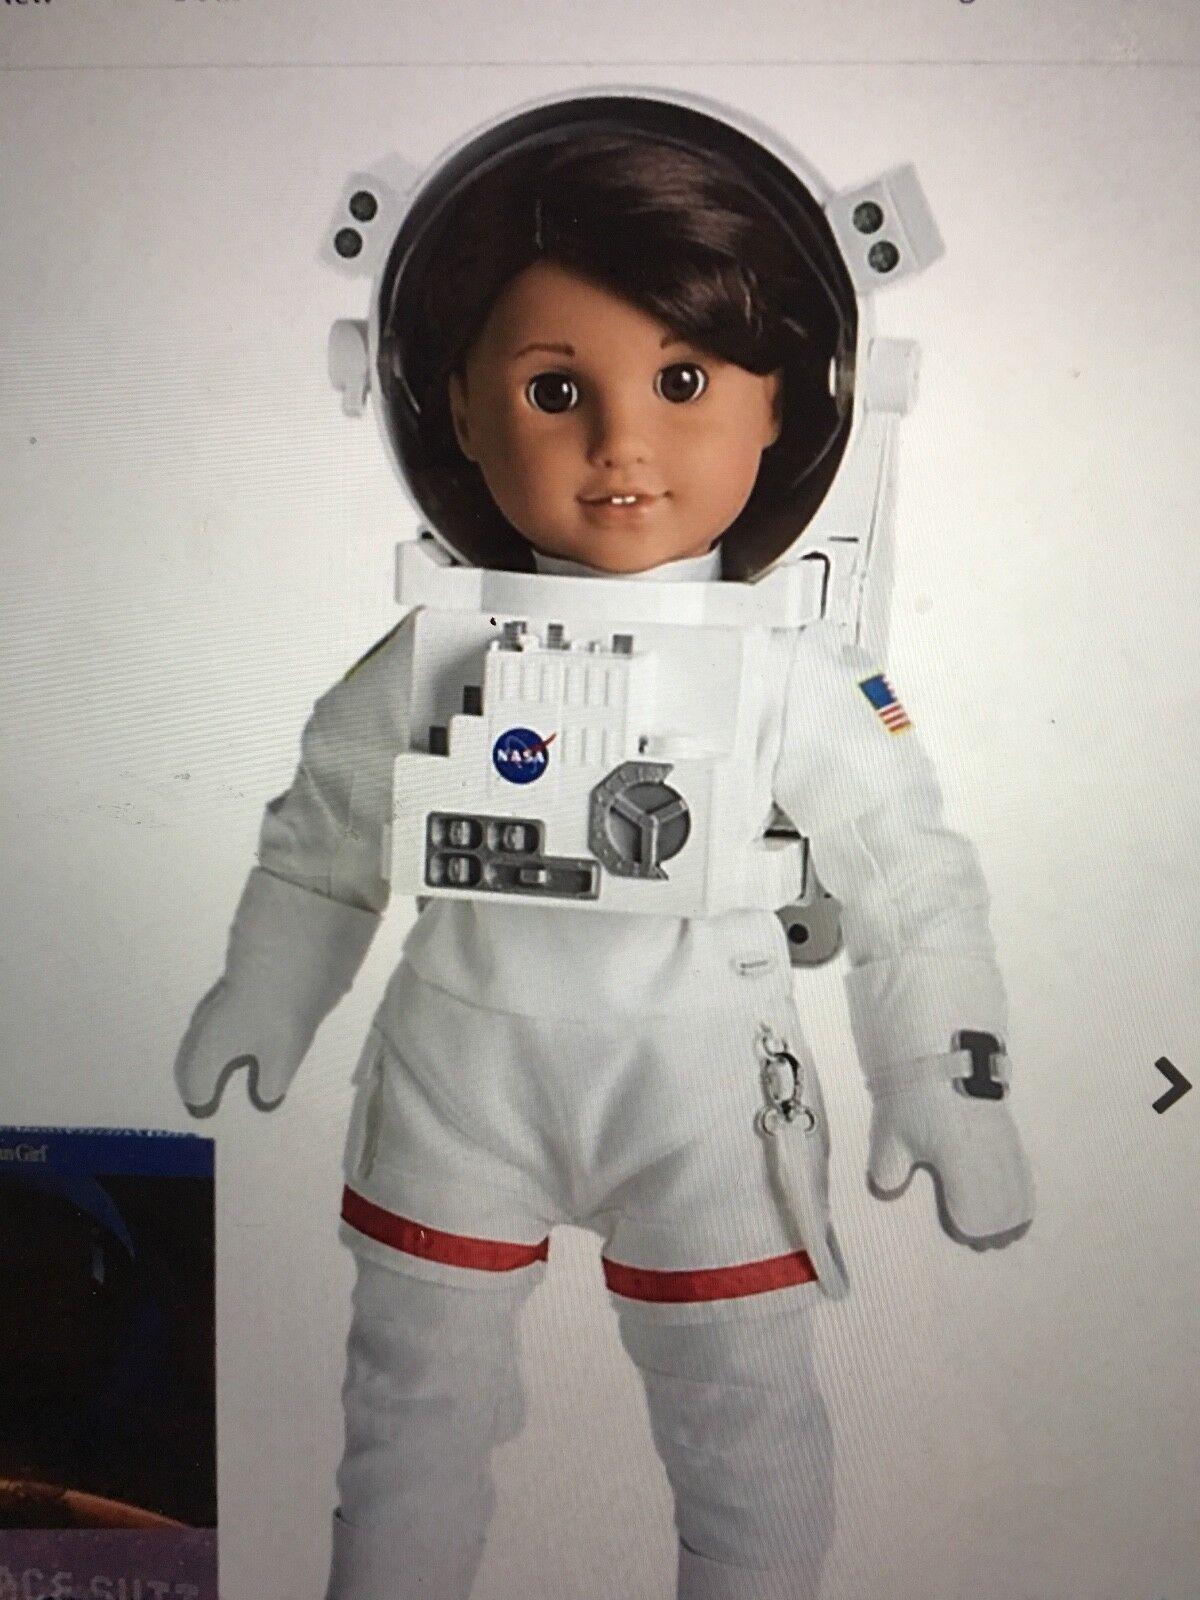 American Girl Luciana de espacio traje y Fligh Traje Nuevo Conjuntos Completos